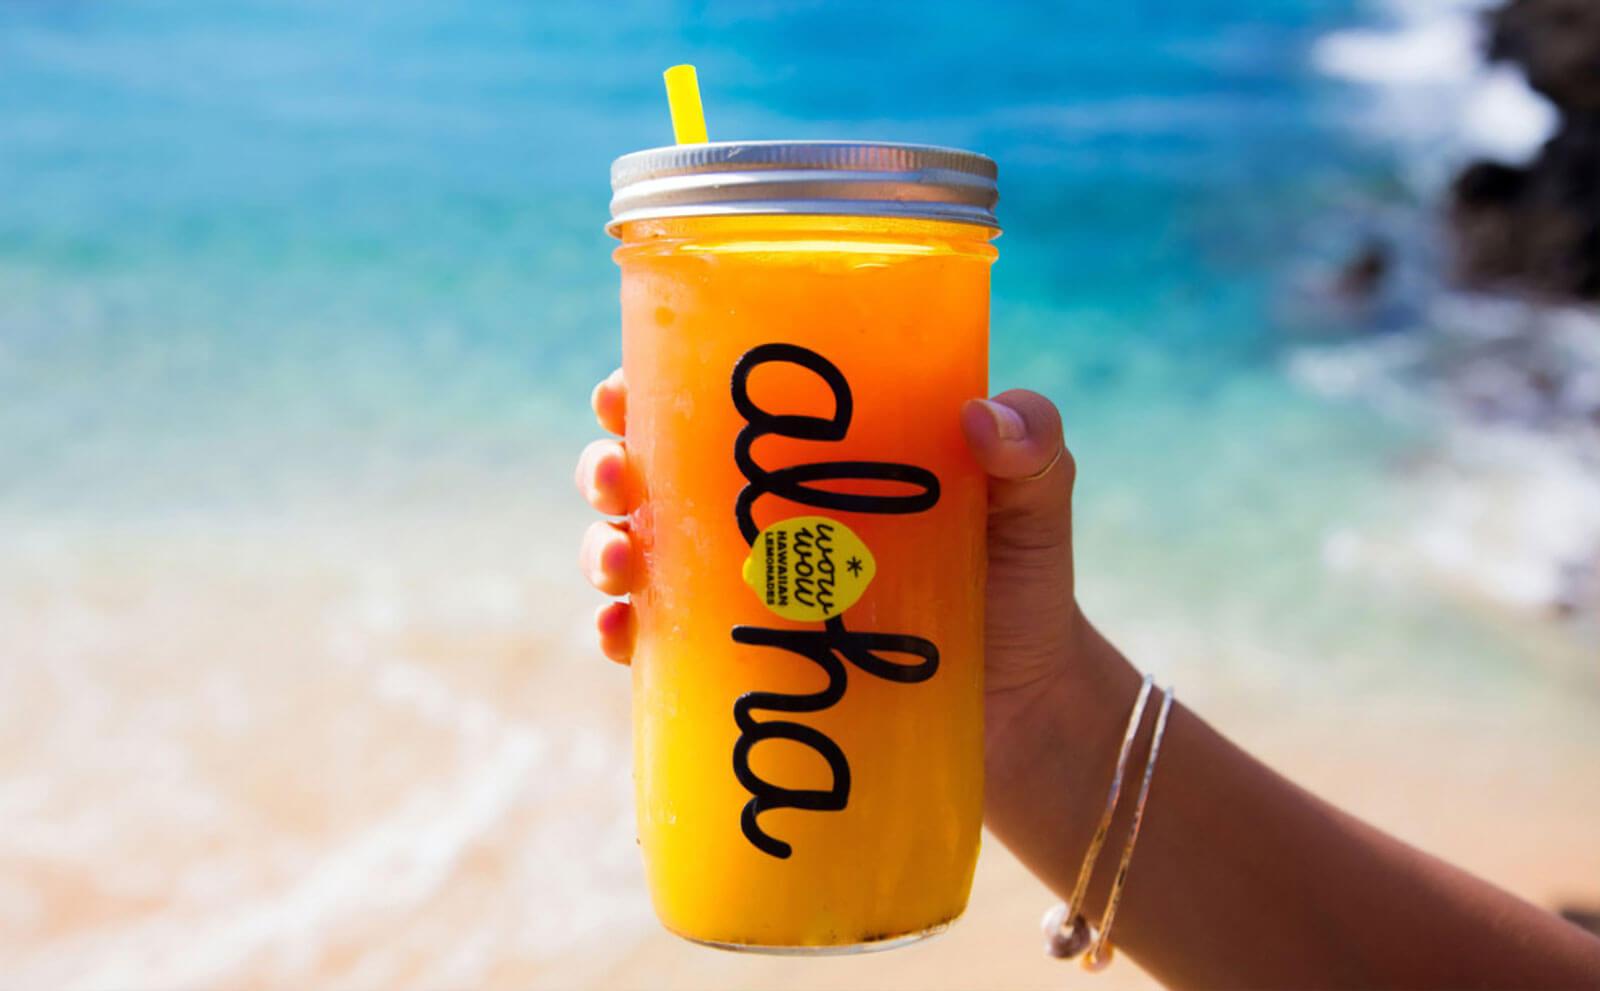 Wow Wow lemonade on the beach